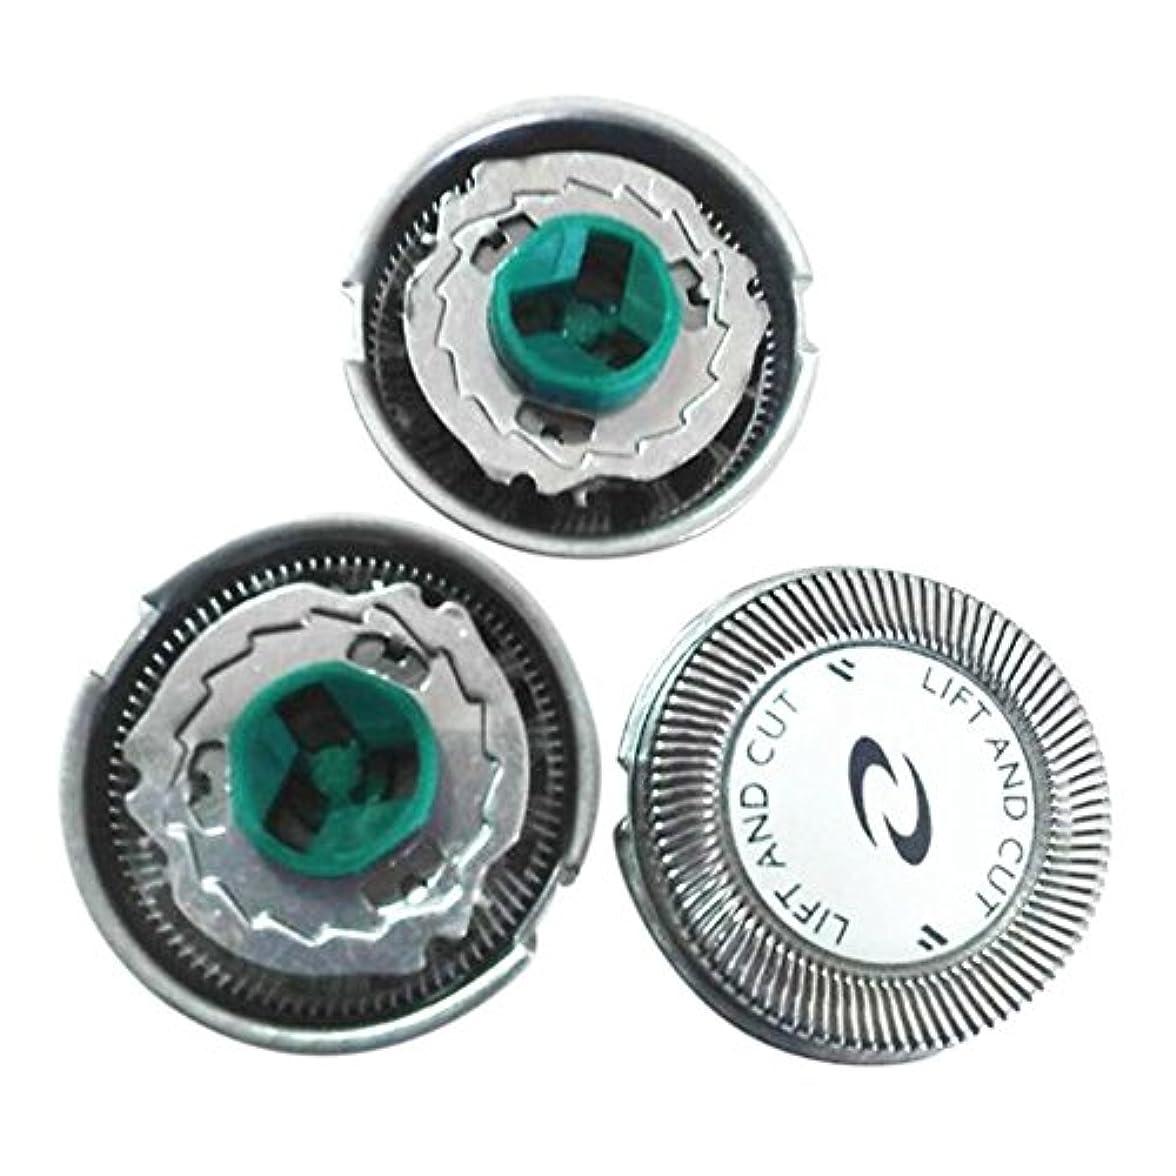 ディレクター日憲法HZjundasi 3x Replacement シェーバーヘッドフォイル+Cutters for Philip HQ5705/5710 PT720 AT750